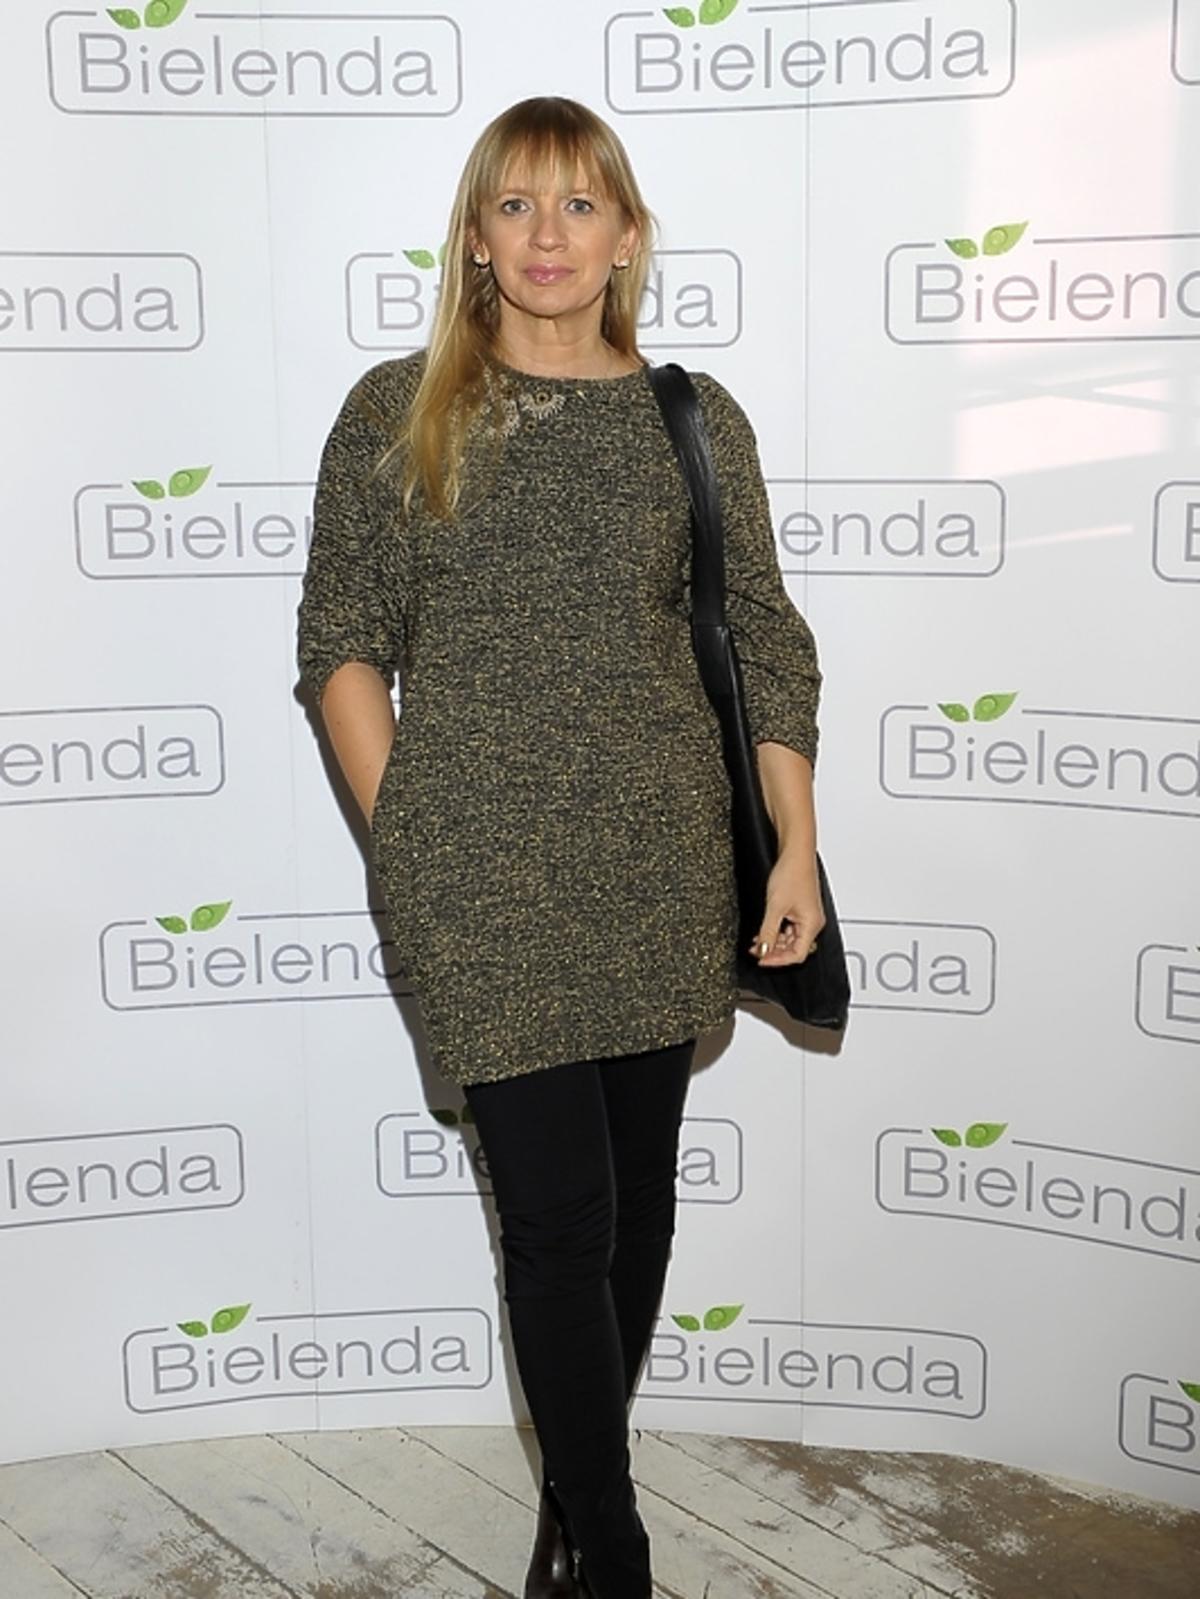 Marzena Rogalska na prezentacji kosmetyków marki Bielenda